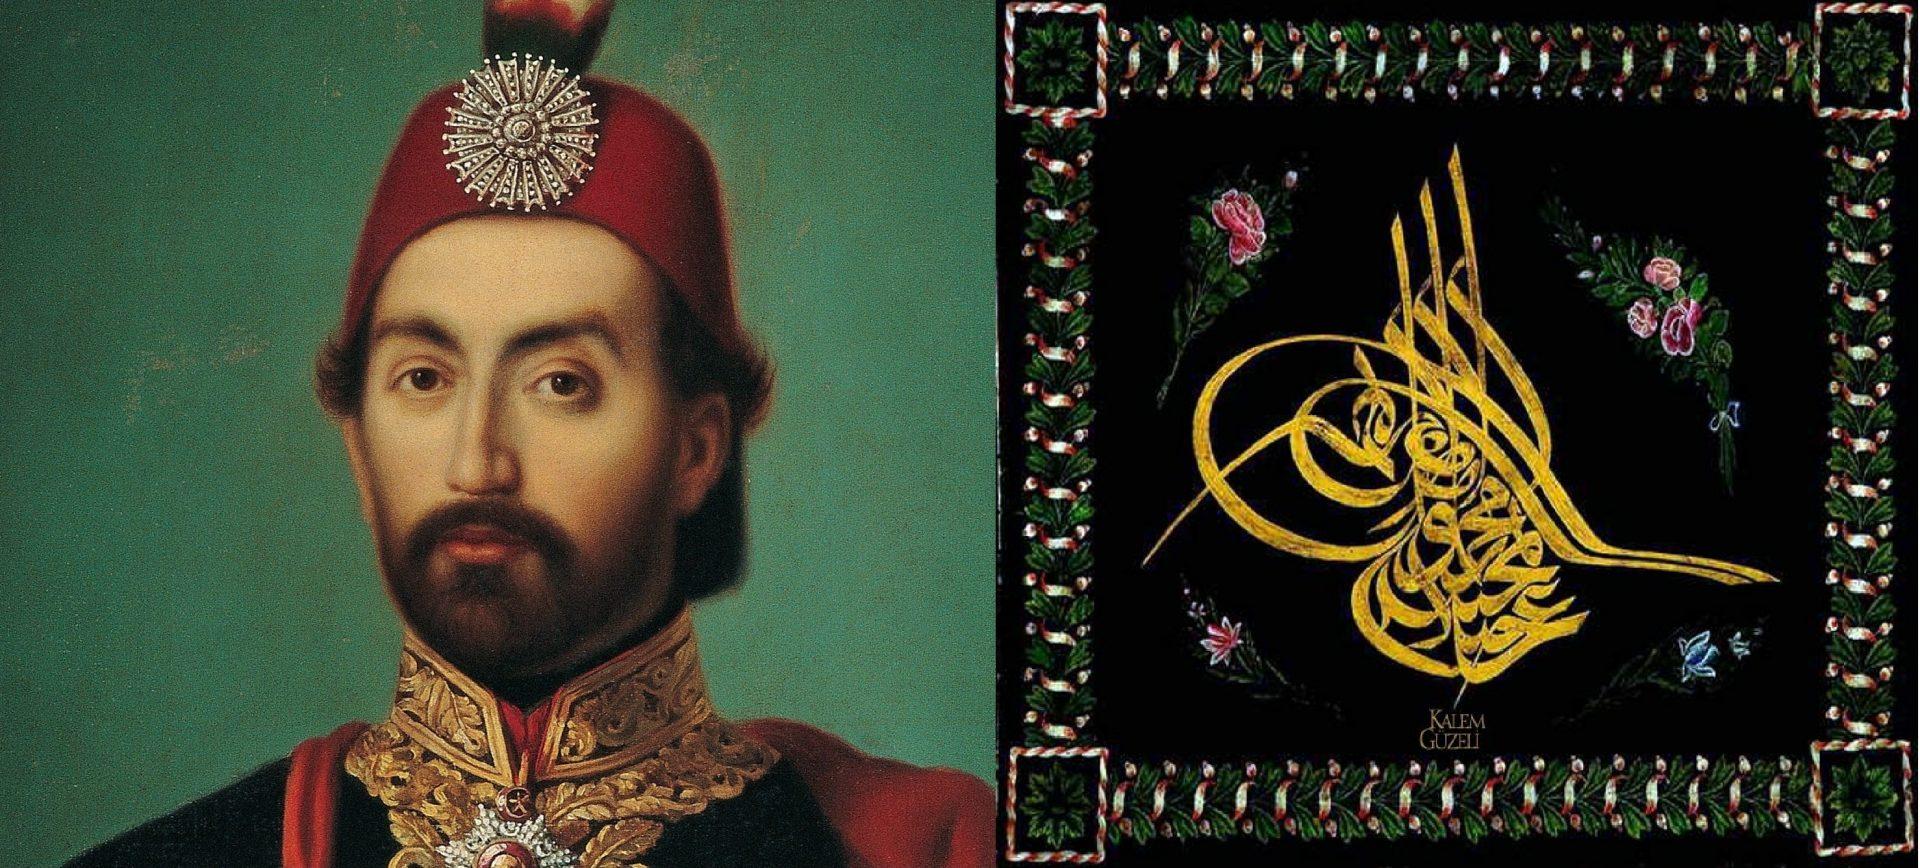 VESİKALIK RESMİ Sultan Abdülmecid Han Kısaca Hayatı Kısa Biyografisi Nedir Gazi Halife Kimdir. Ottoman Empire .